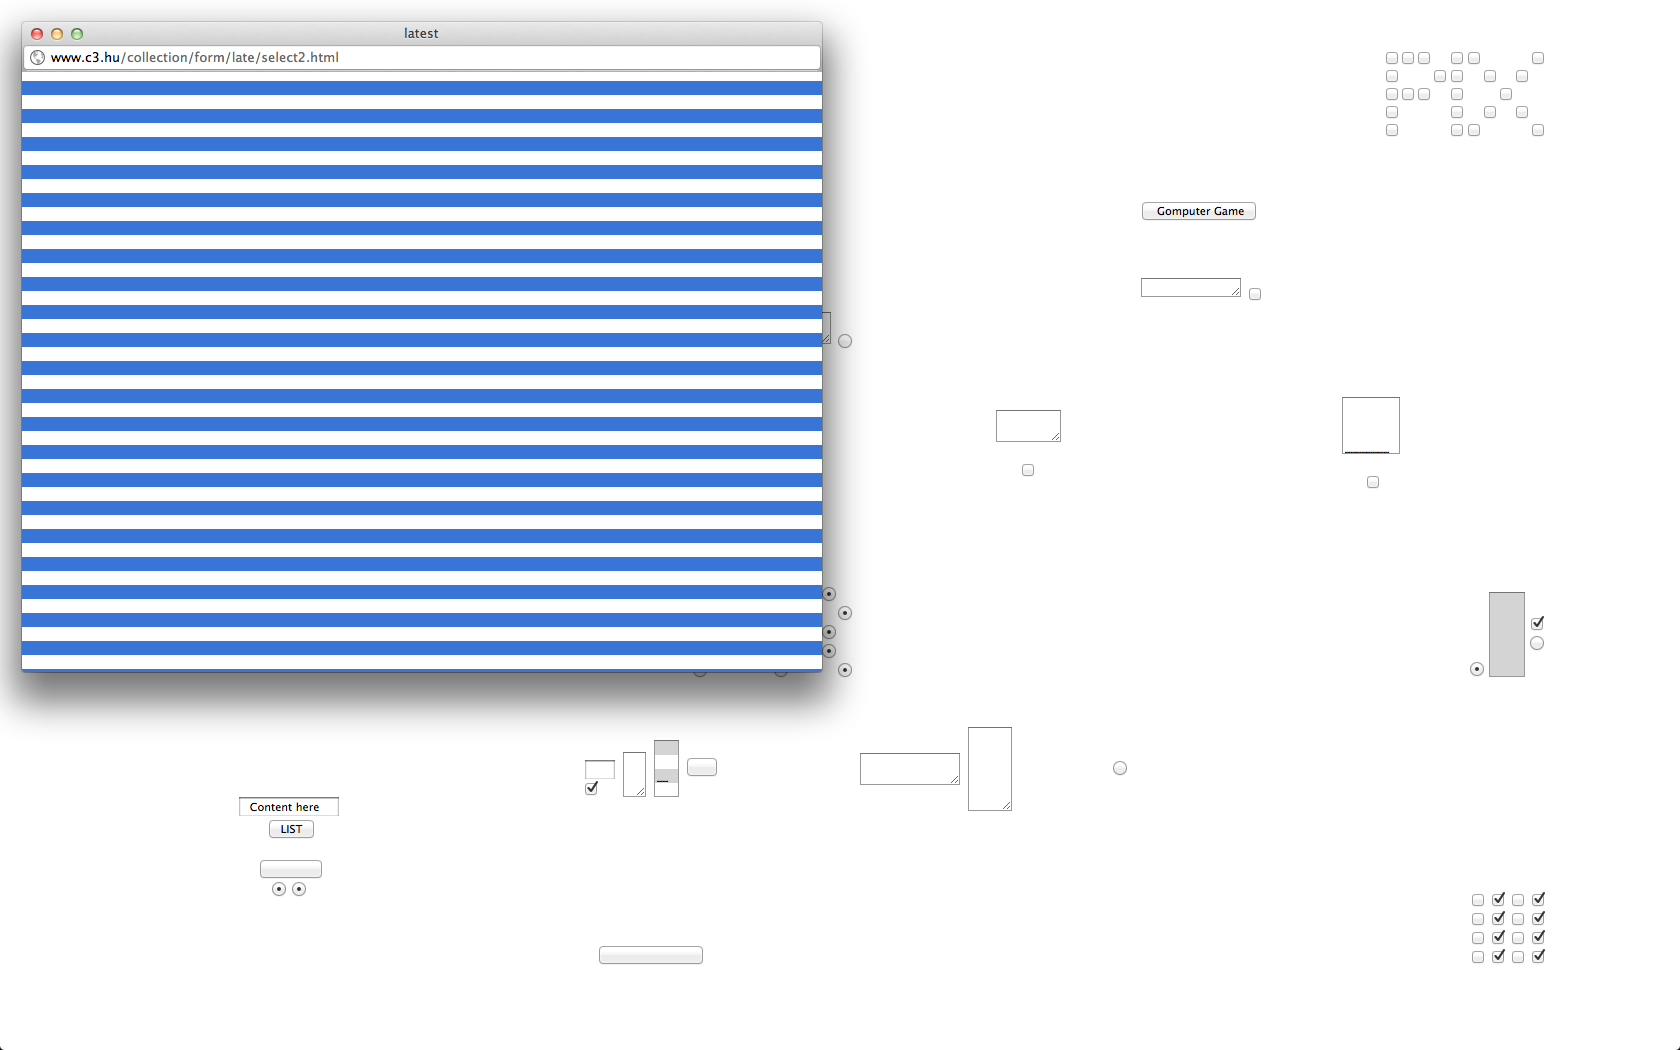 Screen Shot 2011-10-12 at 9.47.32 PM